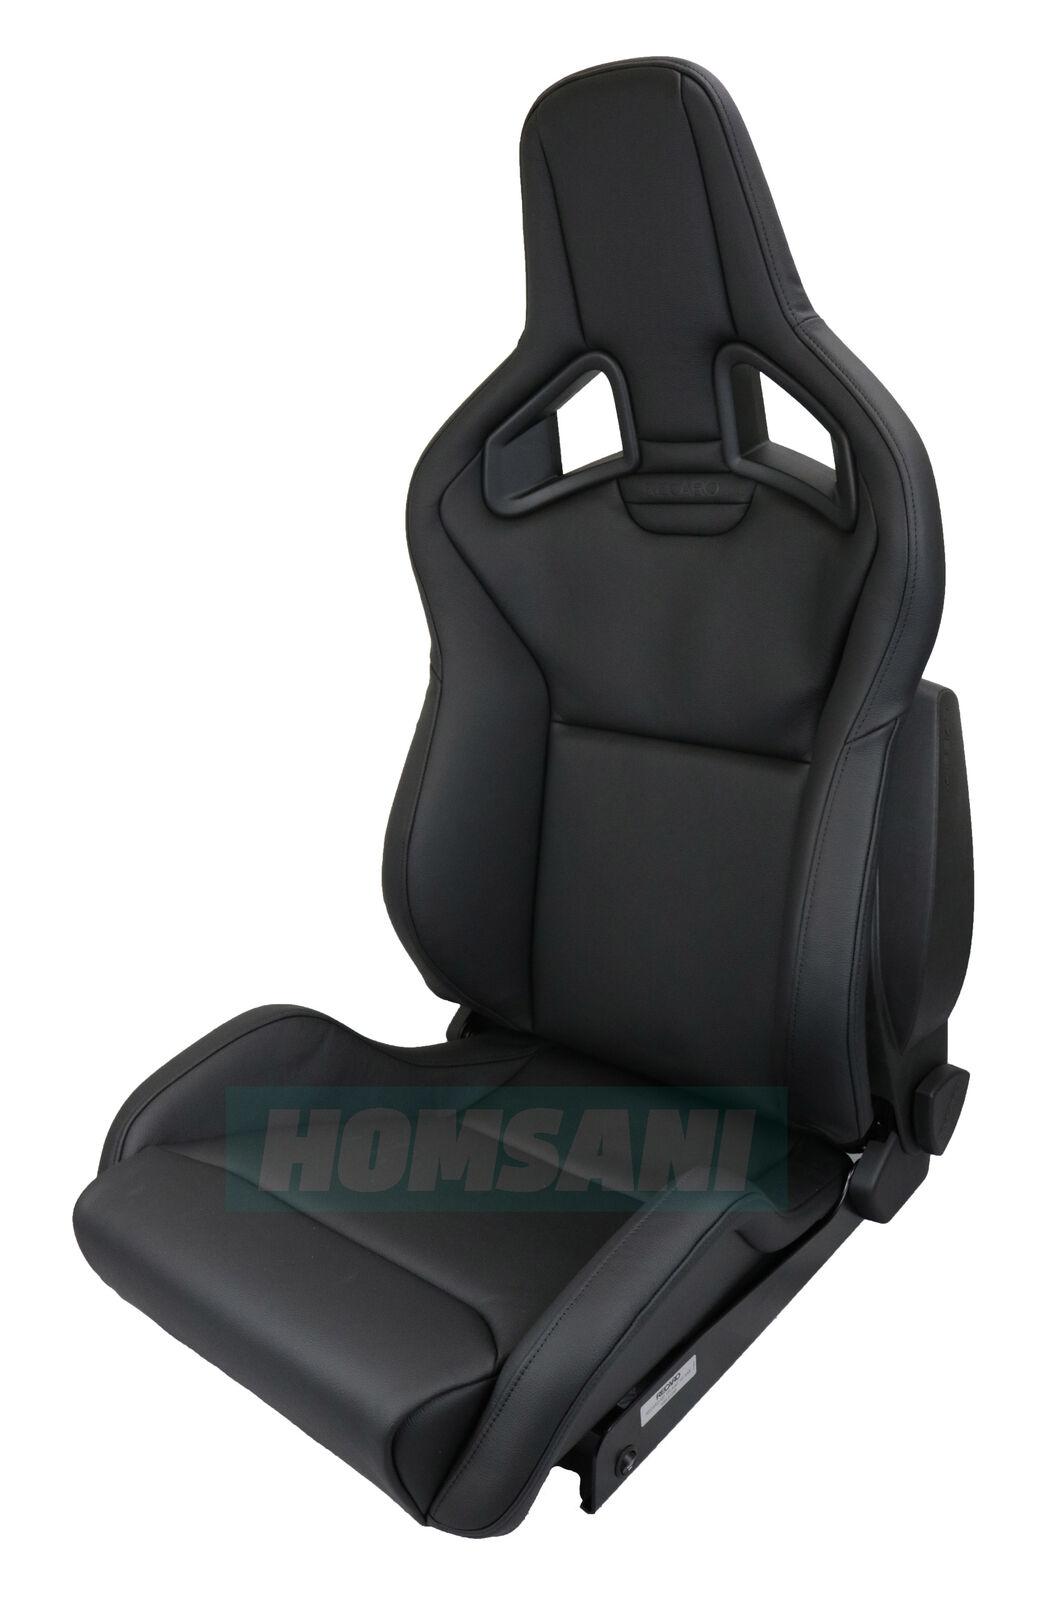 Recaro Sportster Cs Sportsitz Leder Abe Airbag Sitzheizung 411101785 Fahrersitz Ebay